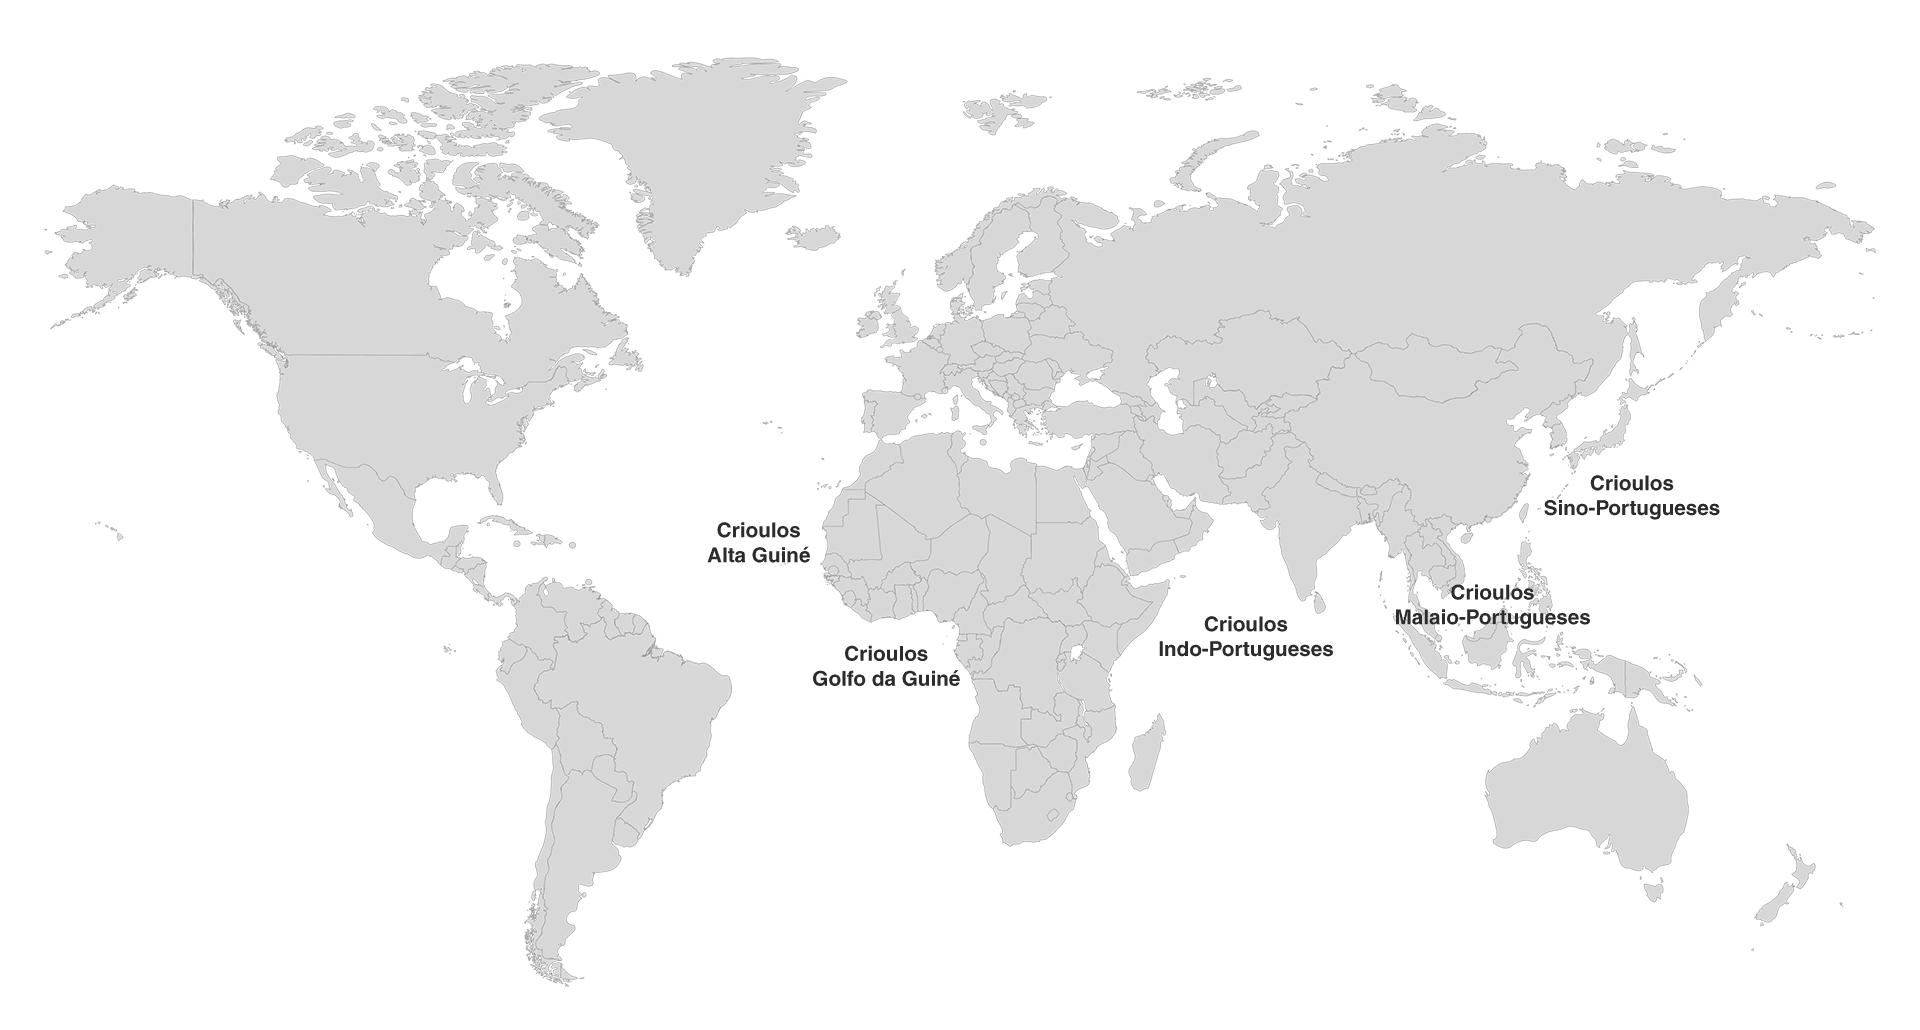 Mapa dos Crioulos de Base Portuguesa